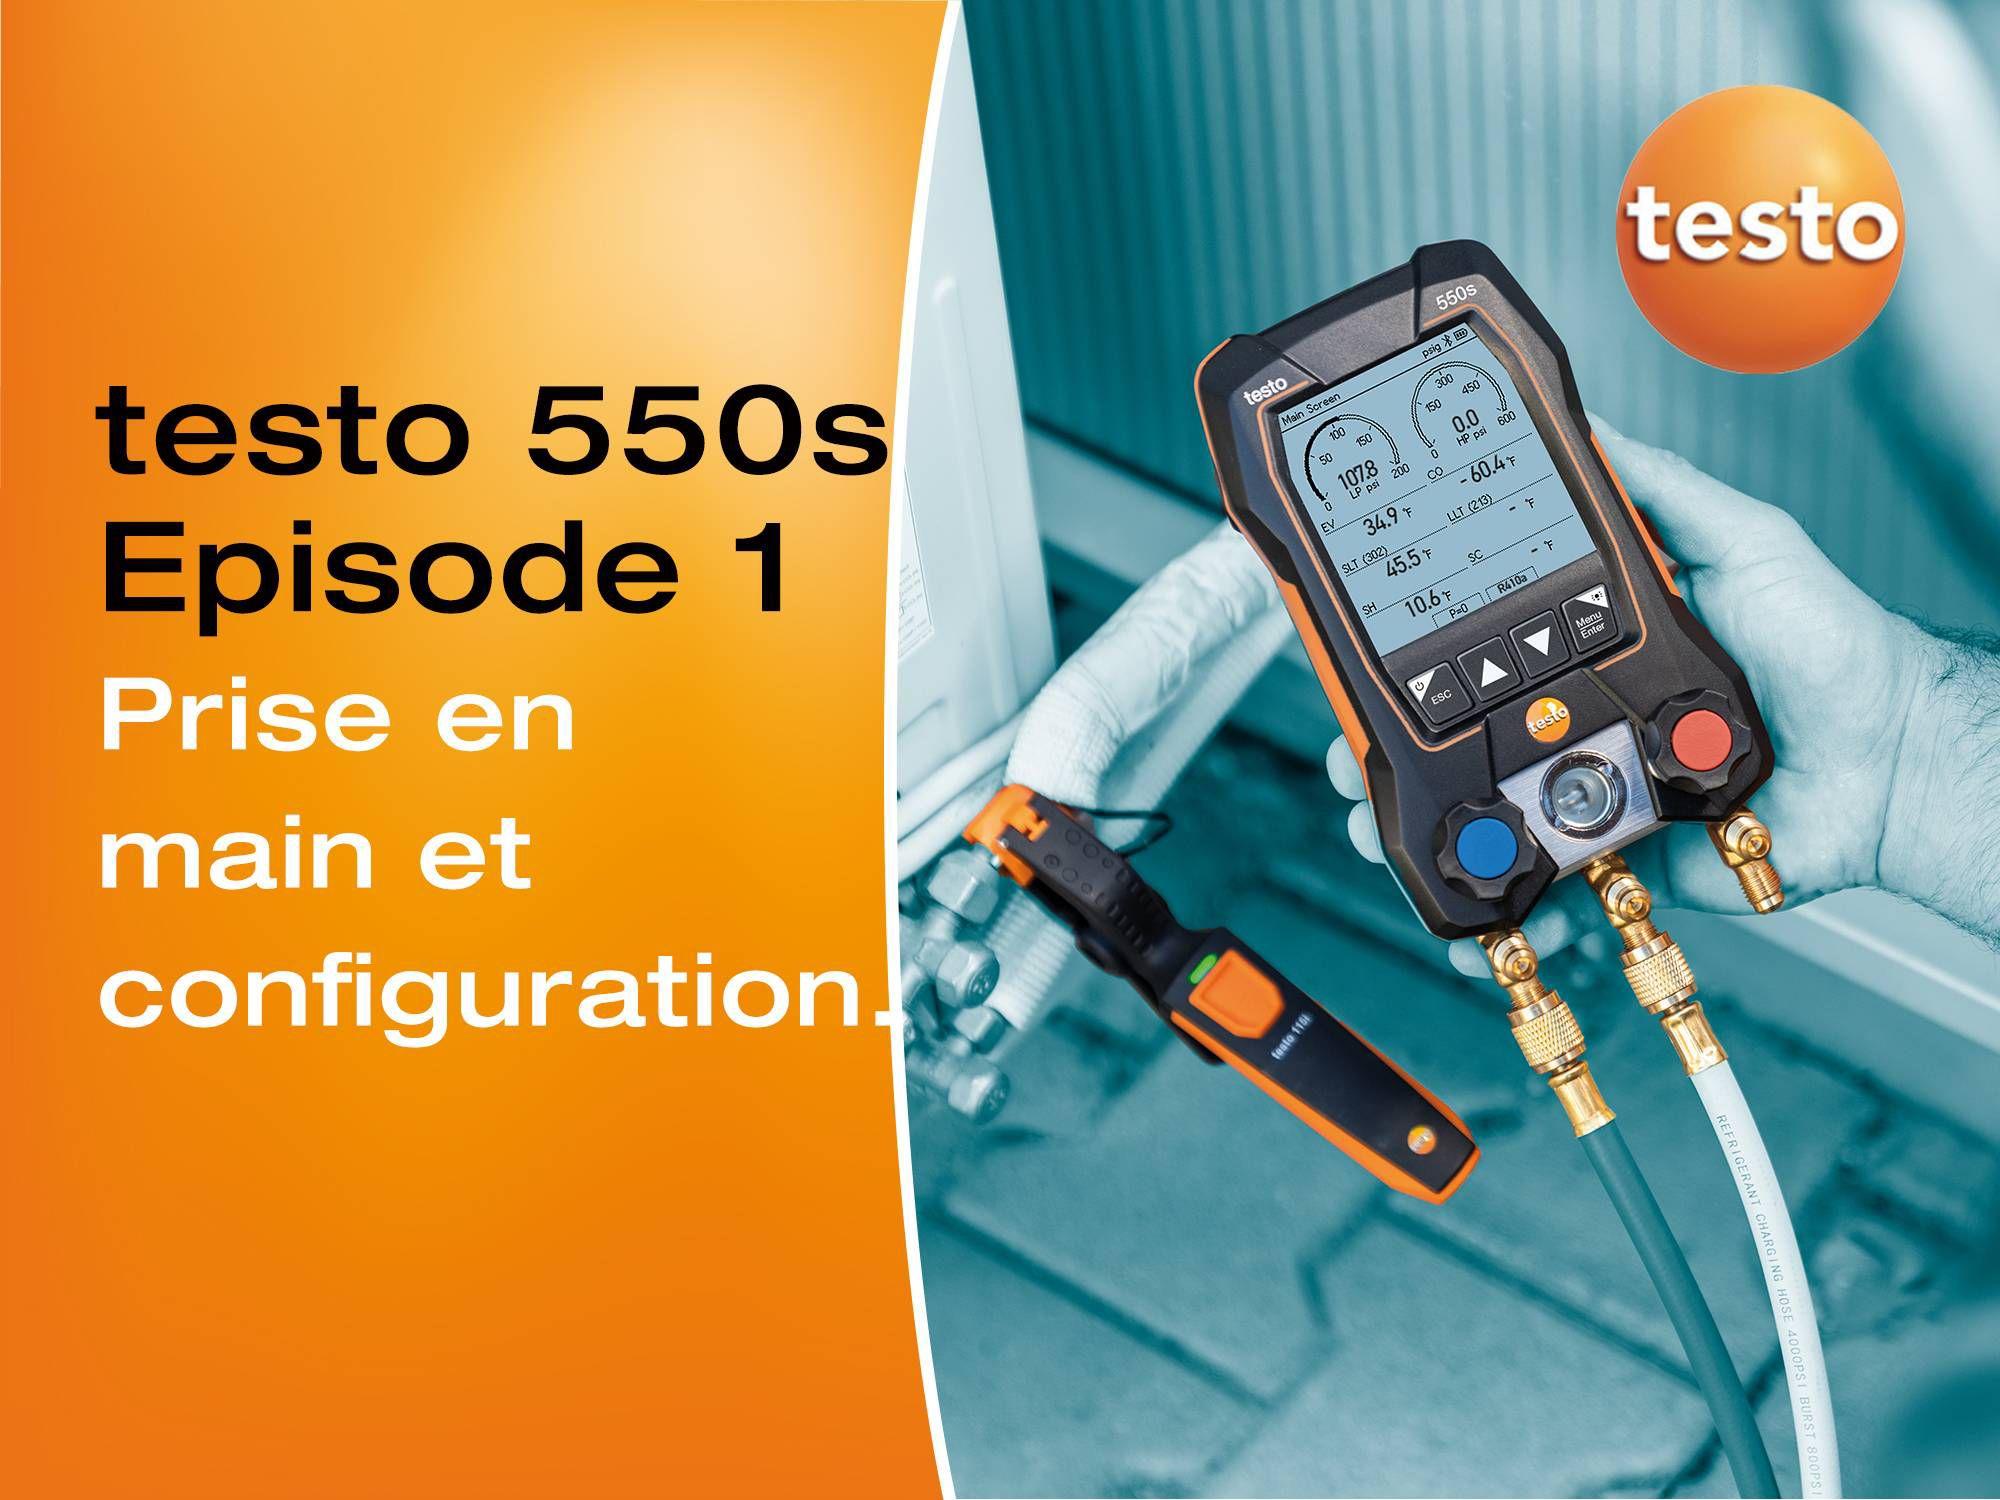 Tutoriel vidéo sur la prise en main et la configuration du manomètre digital testo 550s